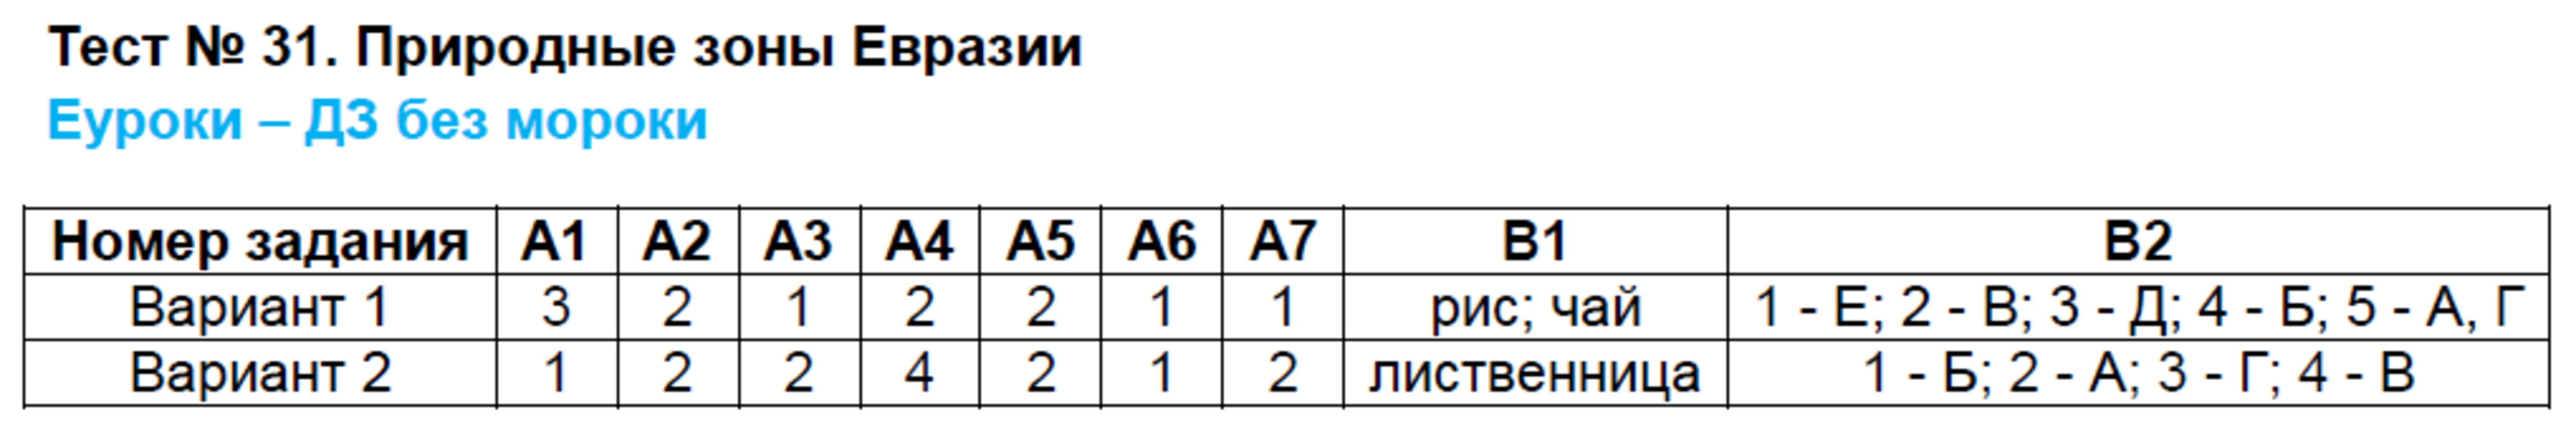 ГДЗ по географии 7 класс контрольно-измерительные материалы Жижина. Задание: Тест 31. Природные зоны Евразии